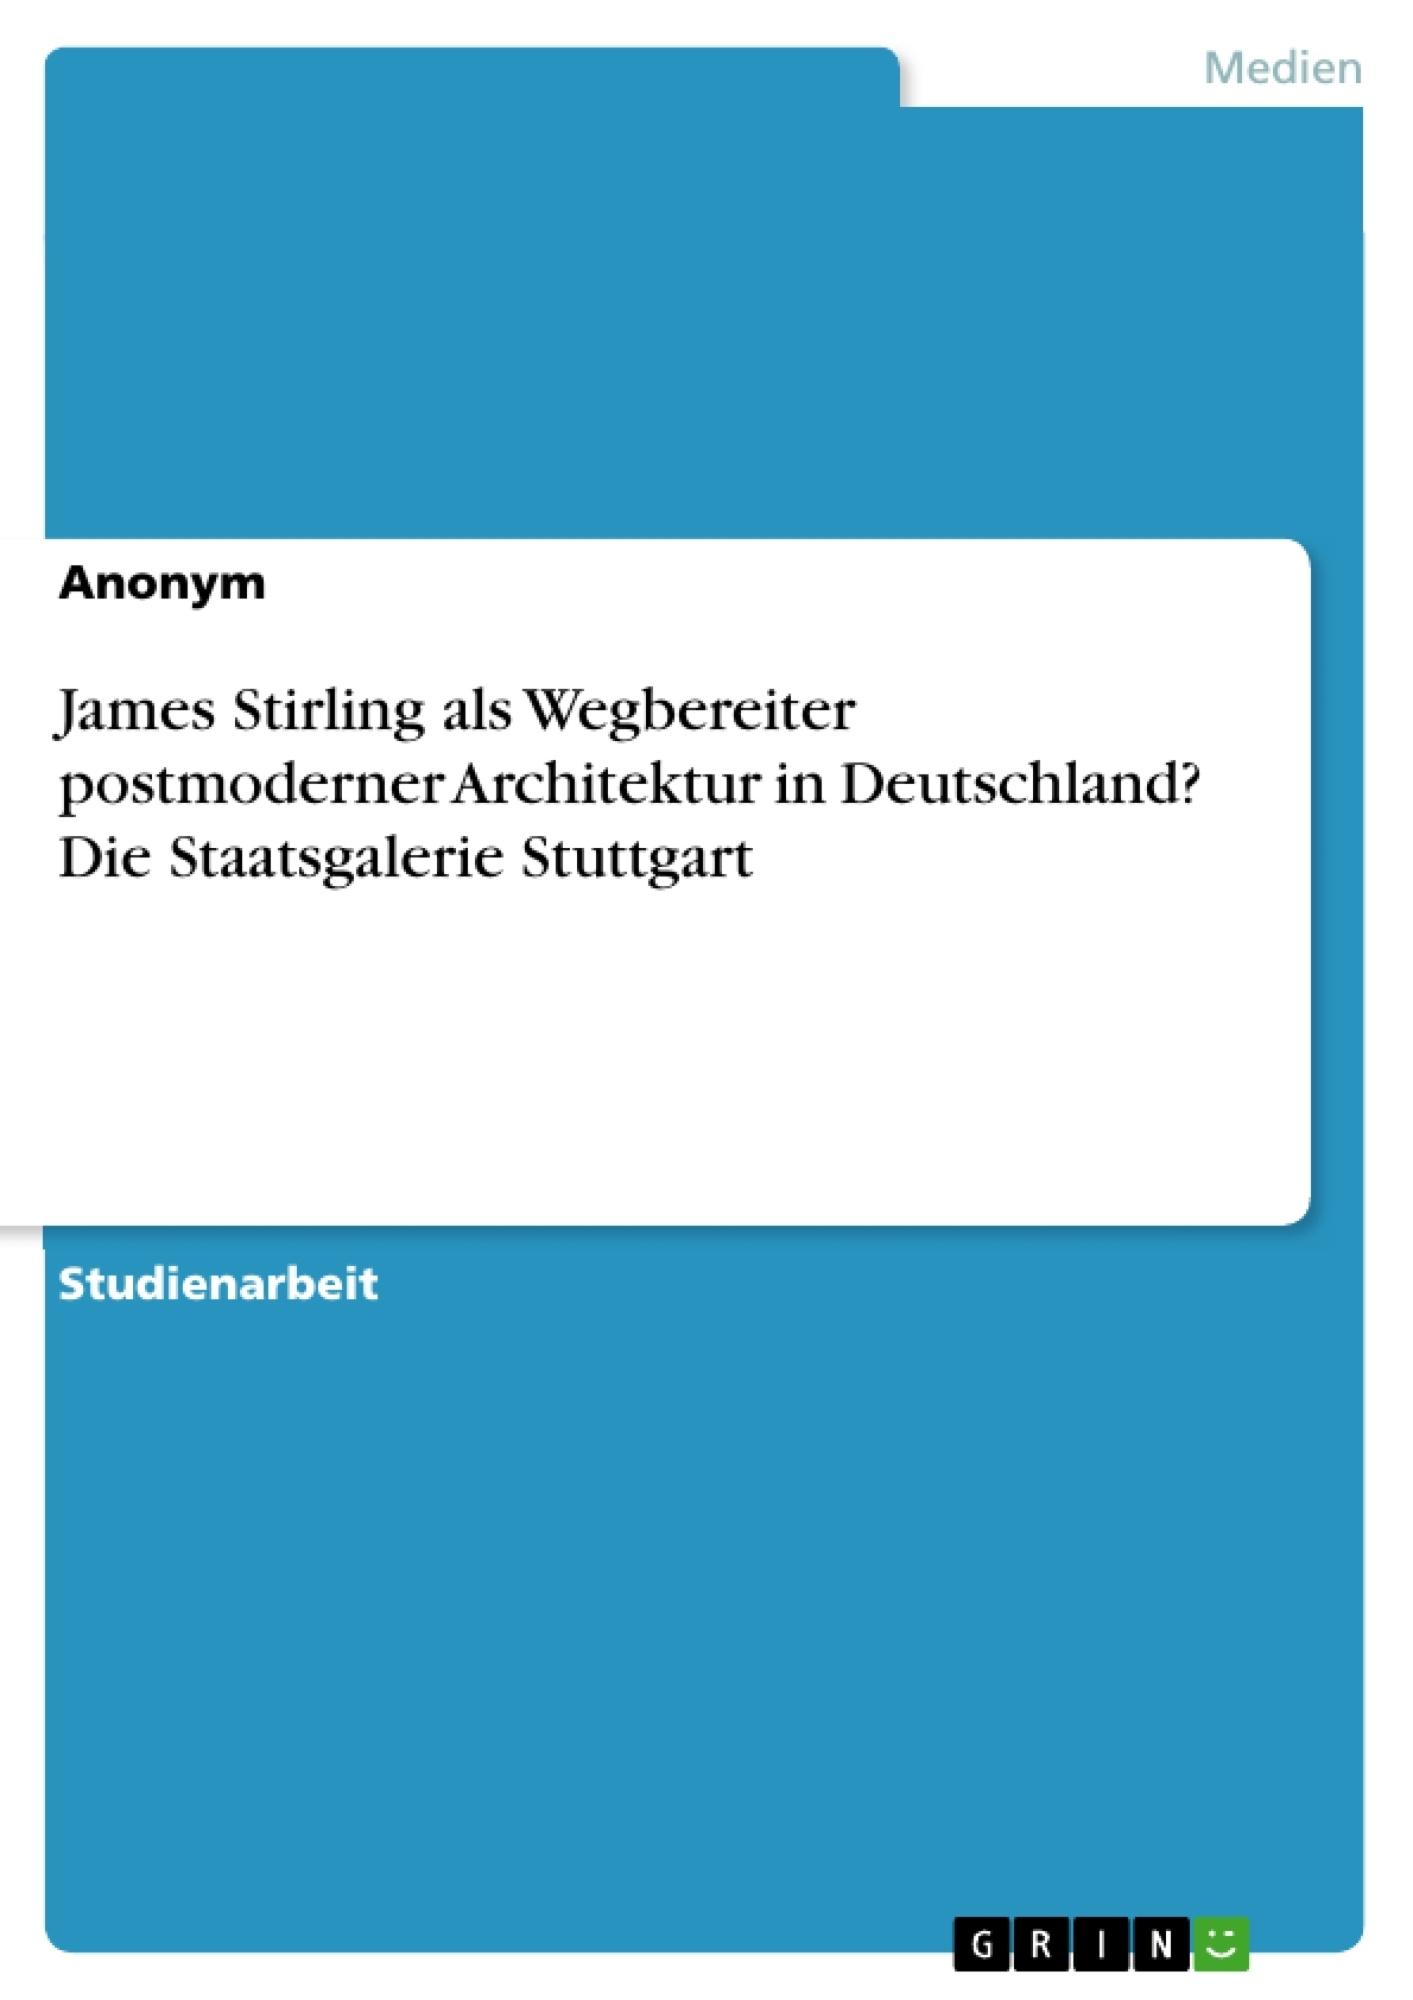 Titel: James Stirling als Wegbereiter postmoderner Architektur in Deutschland? Die Staatsgalerie Stuttgart